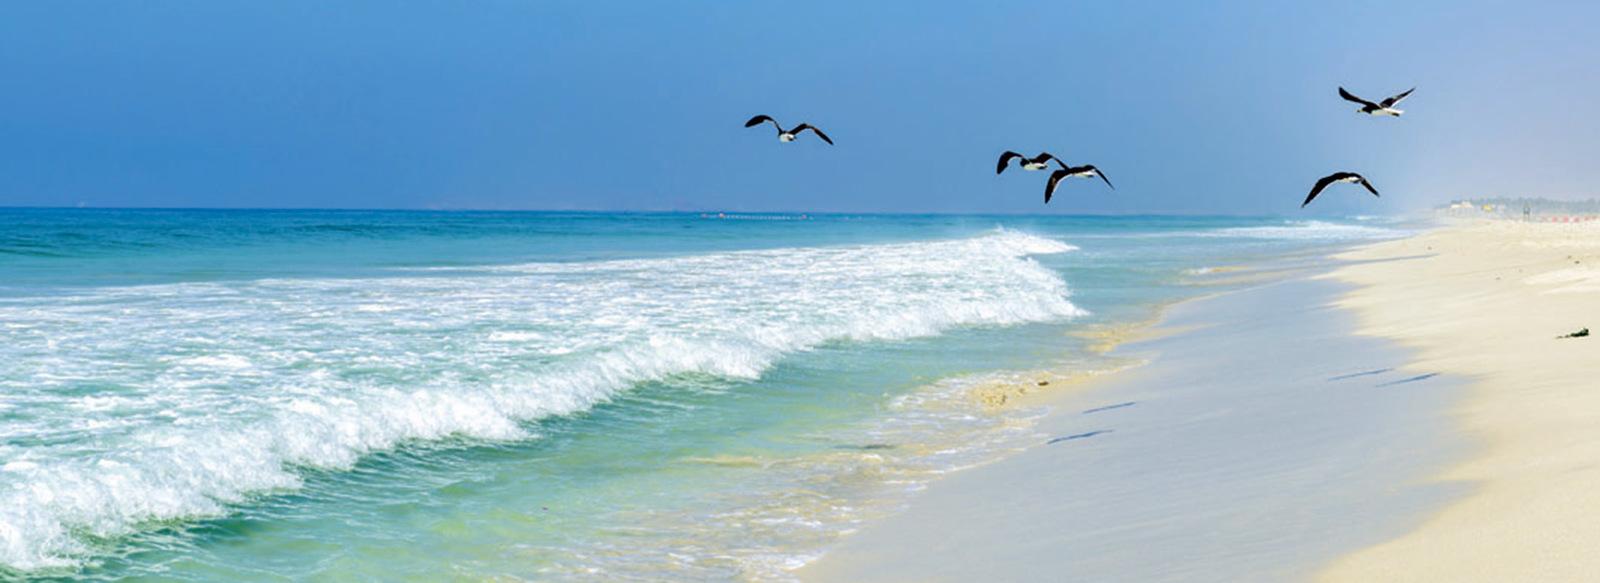 Tra deserto, montagne e spiagge dell'Oceano Indiano